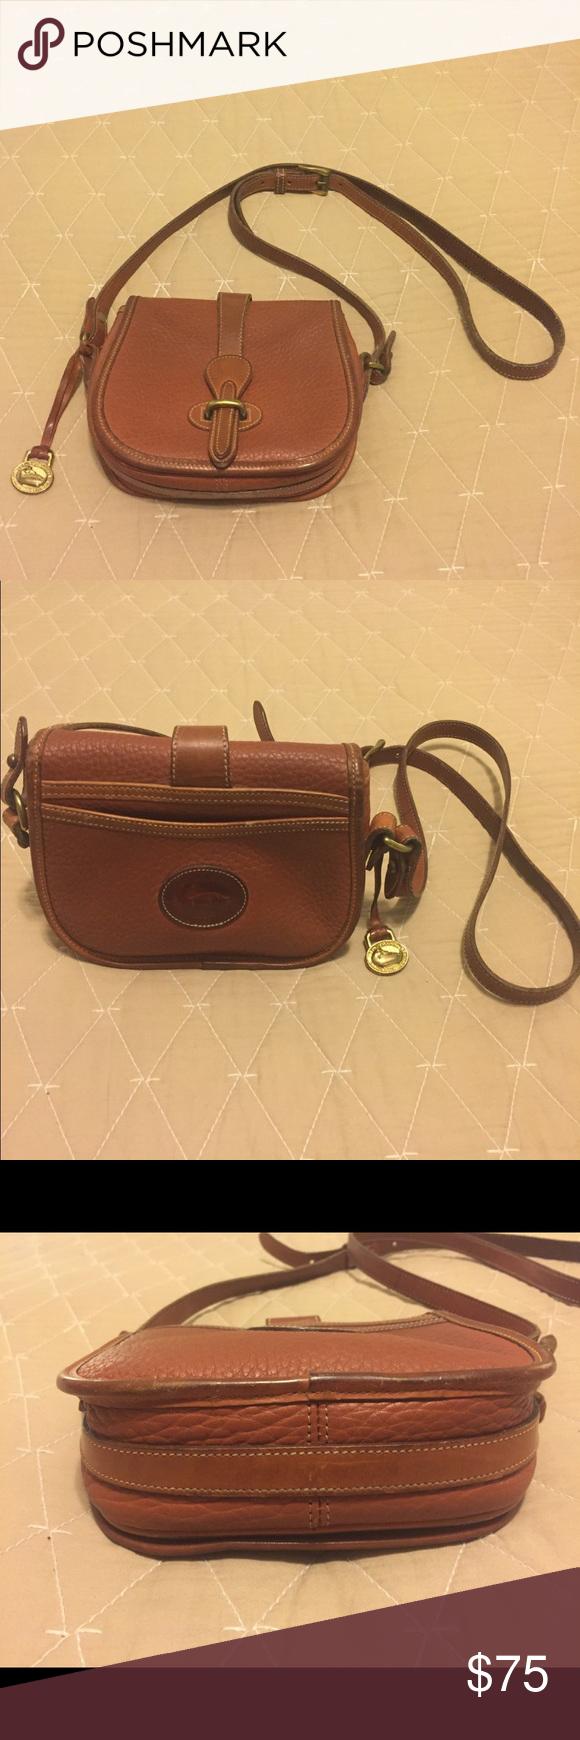 Dooney & Bourke purse Leather crossbody purse, Purses